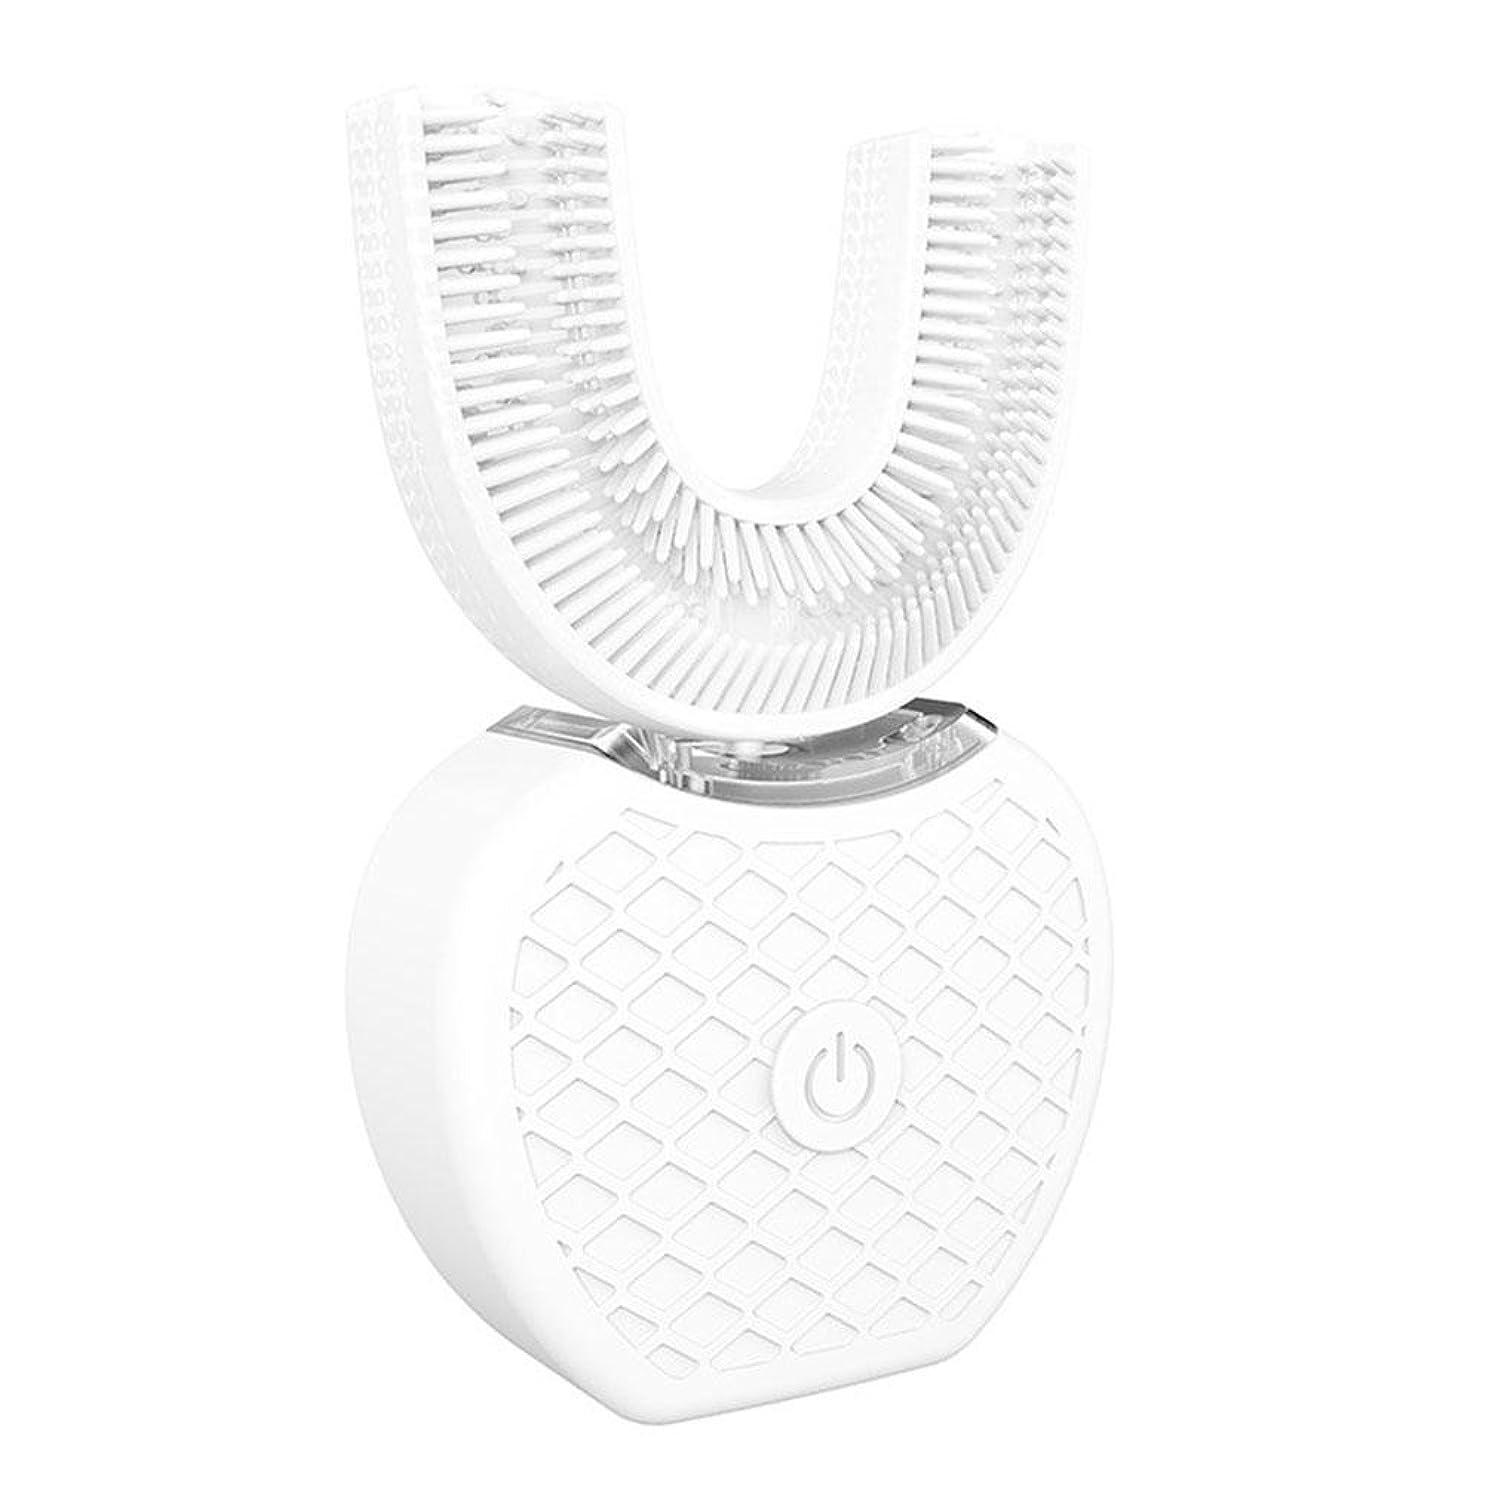 噴火祭り名前で【Cheng-store】自動周波数超音波電動歯ブラシ360° 怠惰な歯ブラシ白い歯の器具 自動ハンズフリー白色発光 ブラシヘッドをU字型4選択可能なモード